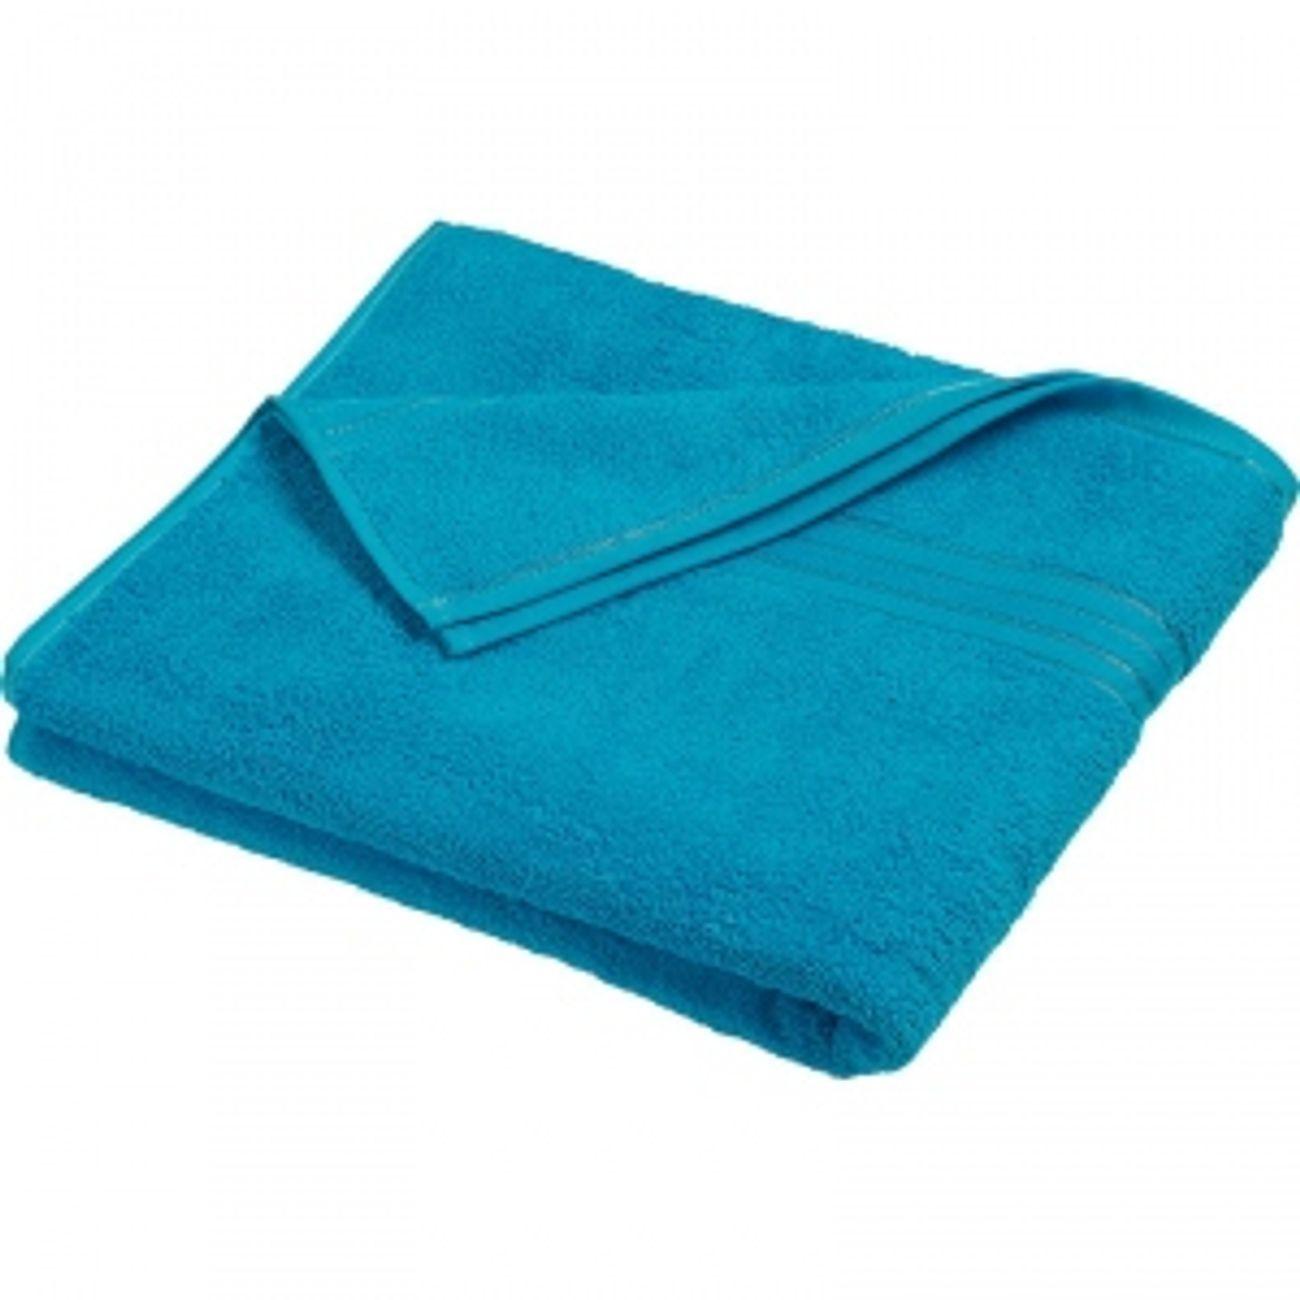 Drap Bleu De ModeLifestyle SaunaÉponge Turquoise Myrtle Beach Mb423 Adulte hxdrtsQBoC